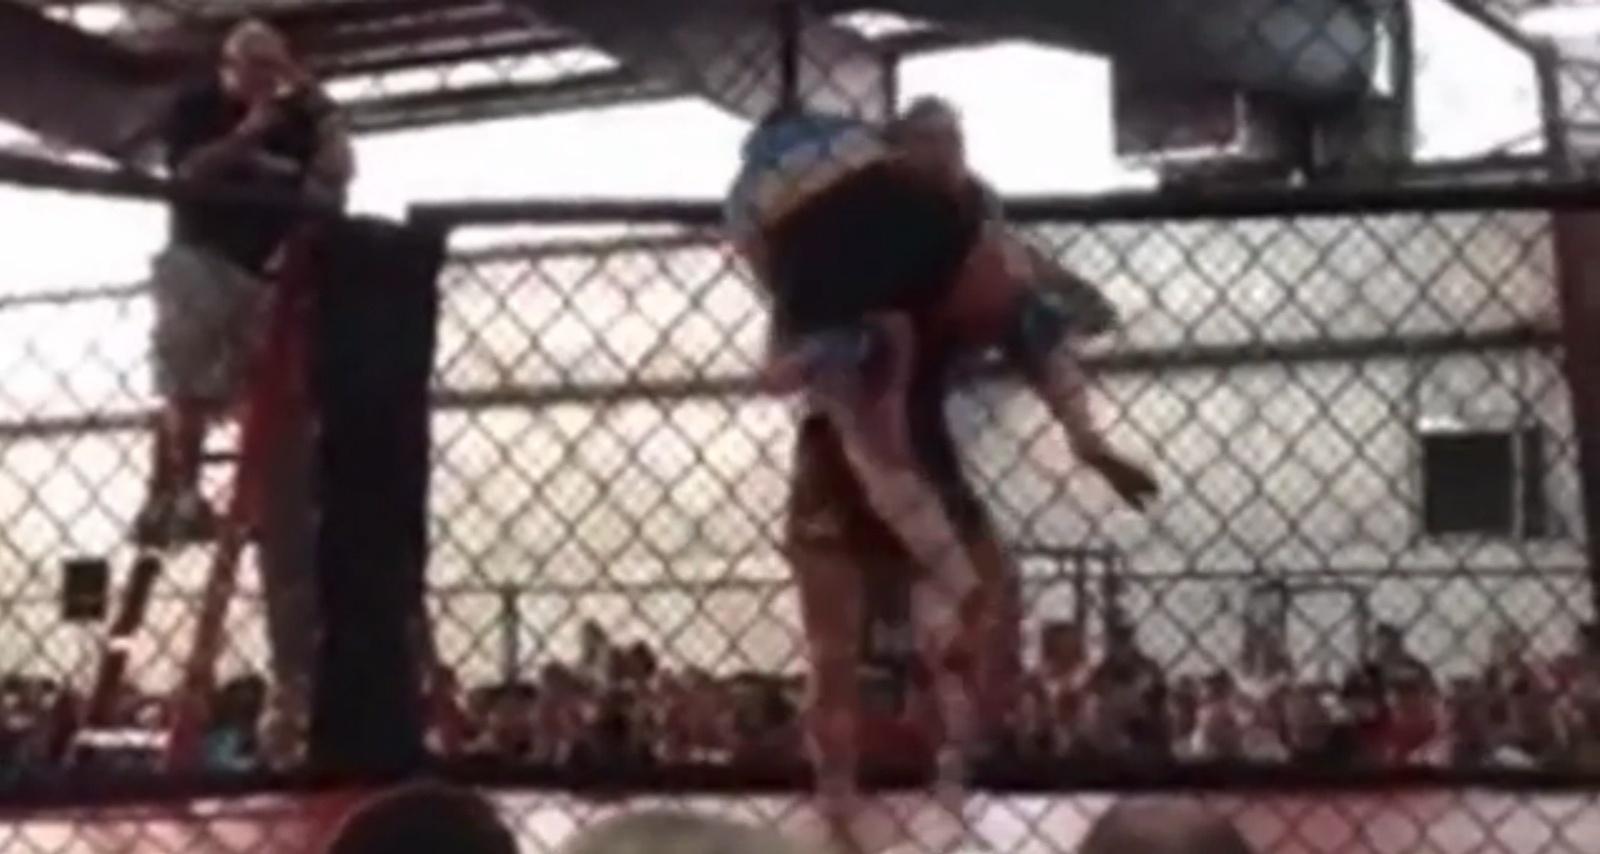 Lutadora consegue nocaute com queda após carregar rival